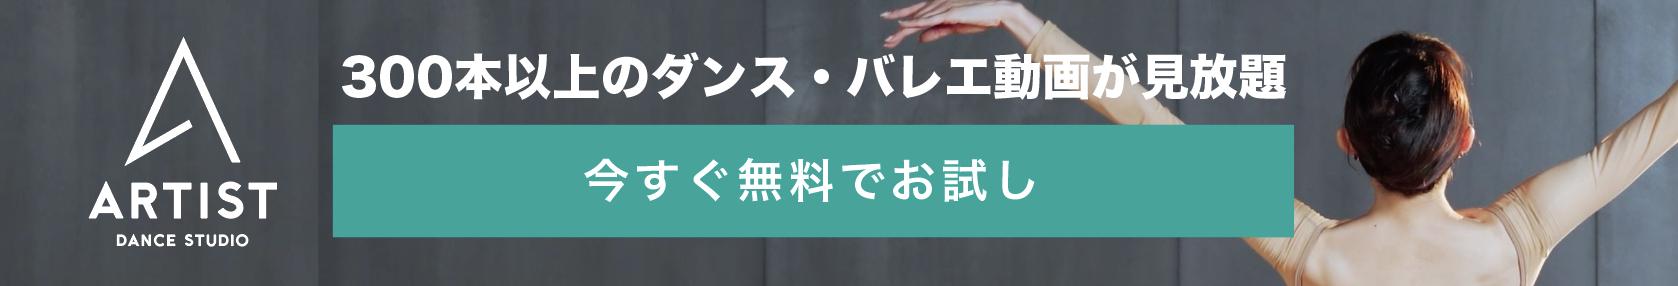 スクリーンショット 2021-06-01 20.29.00